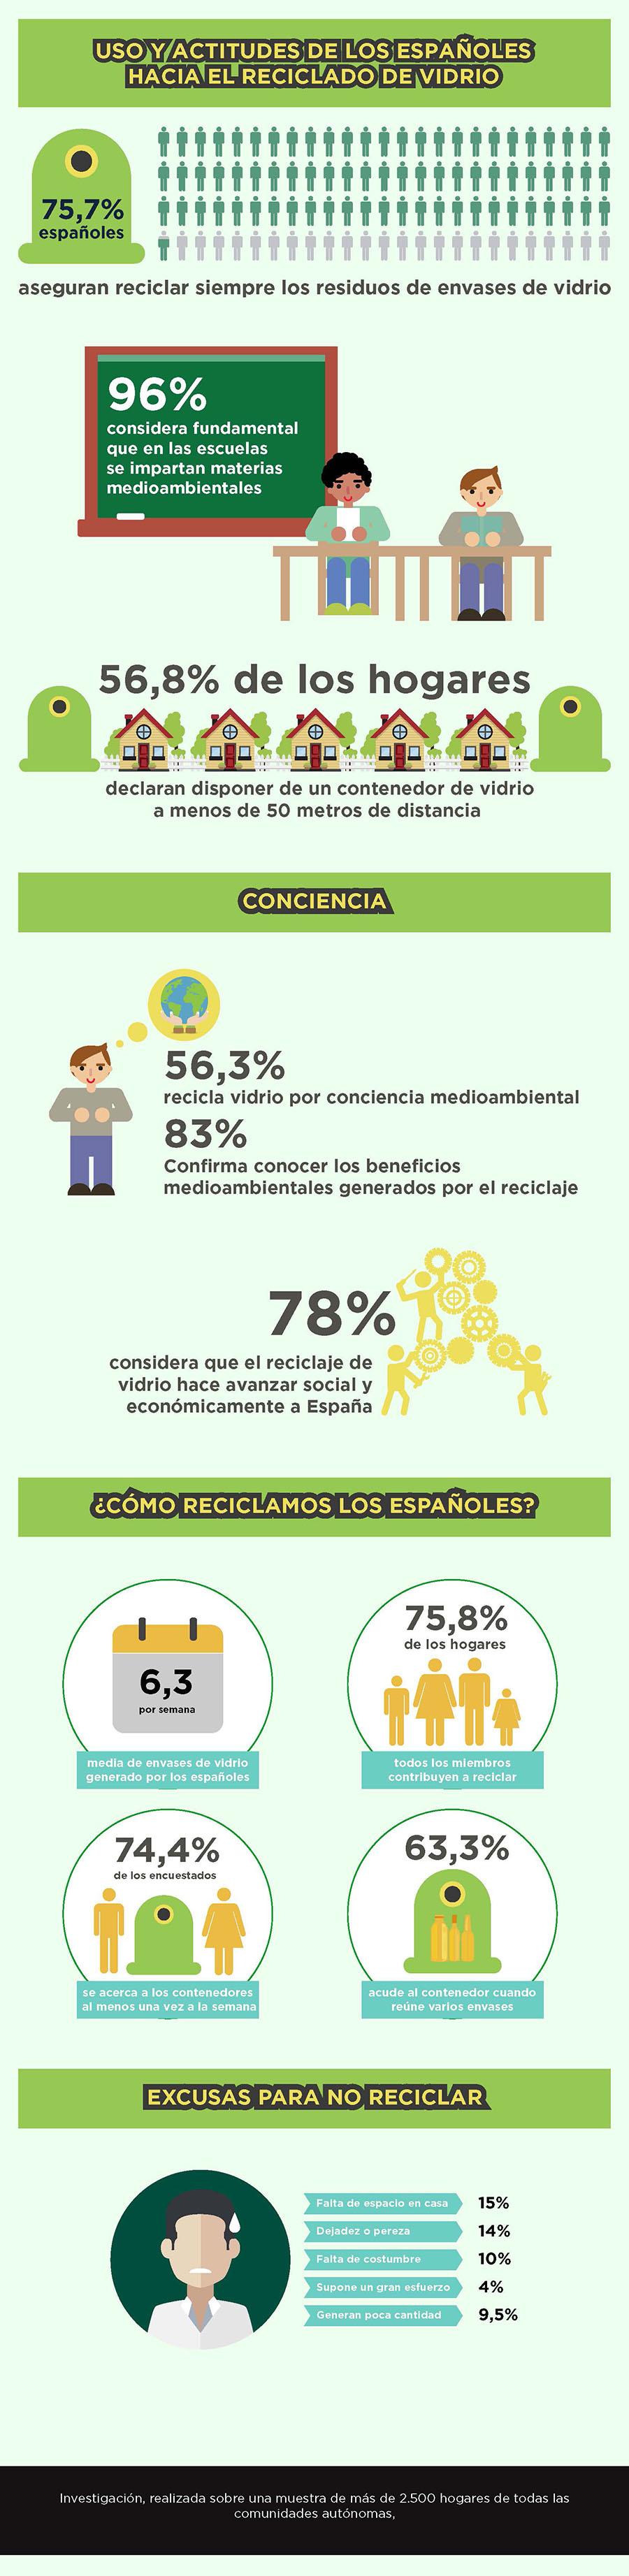 Principales resultados del informe sobre hábitos de los españoles en el reciclaje de vidrio